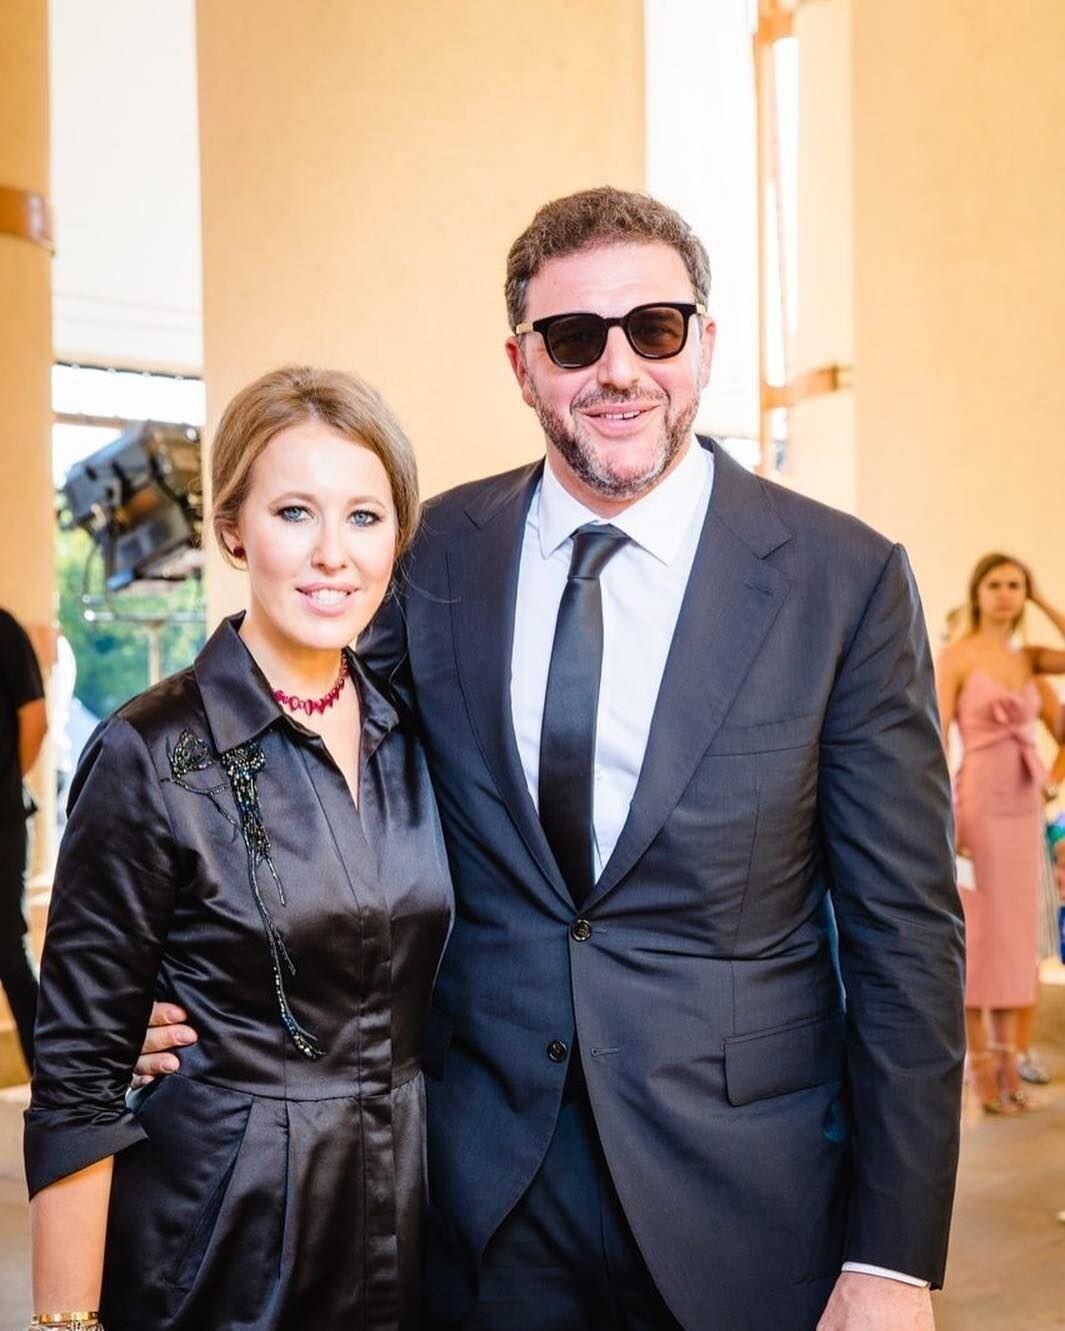 Ксения Собчак поздравила сына Виторгана от первого брака с днем рождения